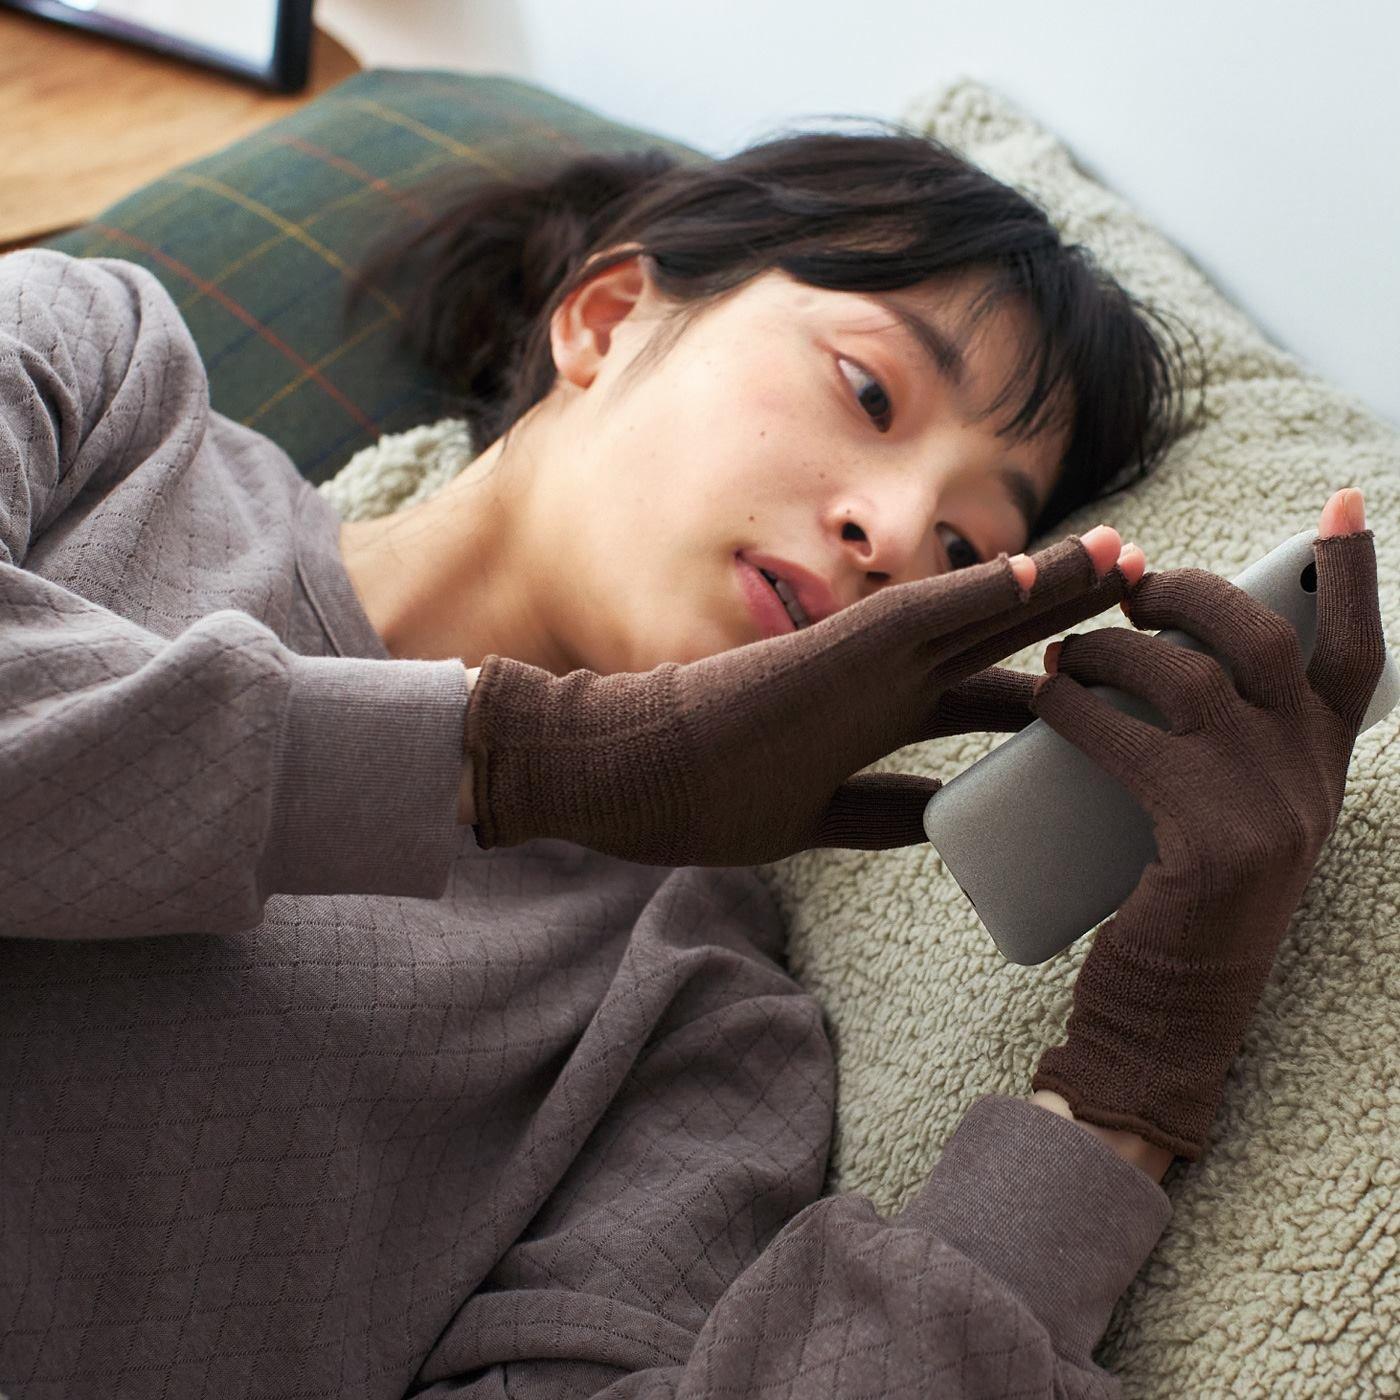 寝ている間にハンドケア ホールガーメント(R)シルク混の指あき手袋の会